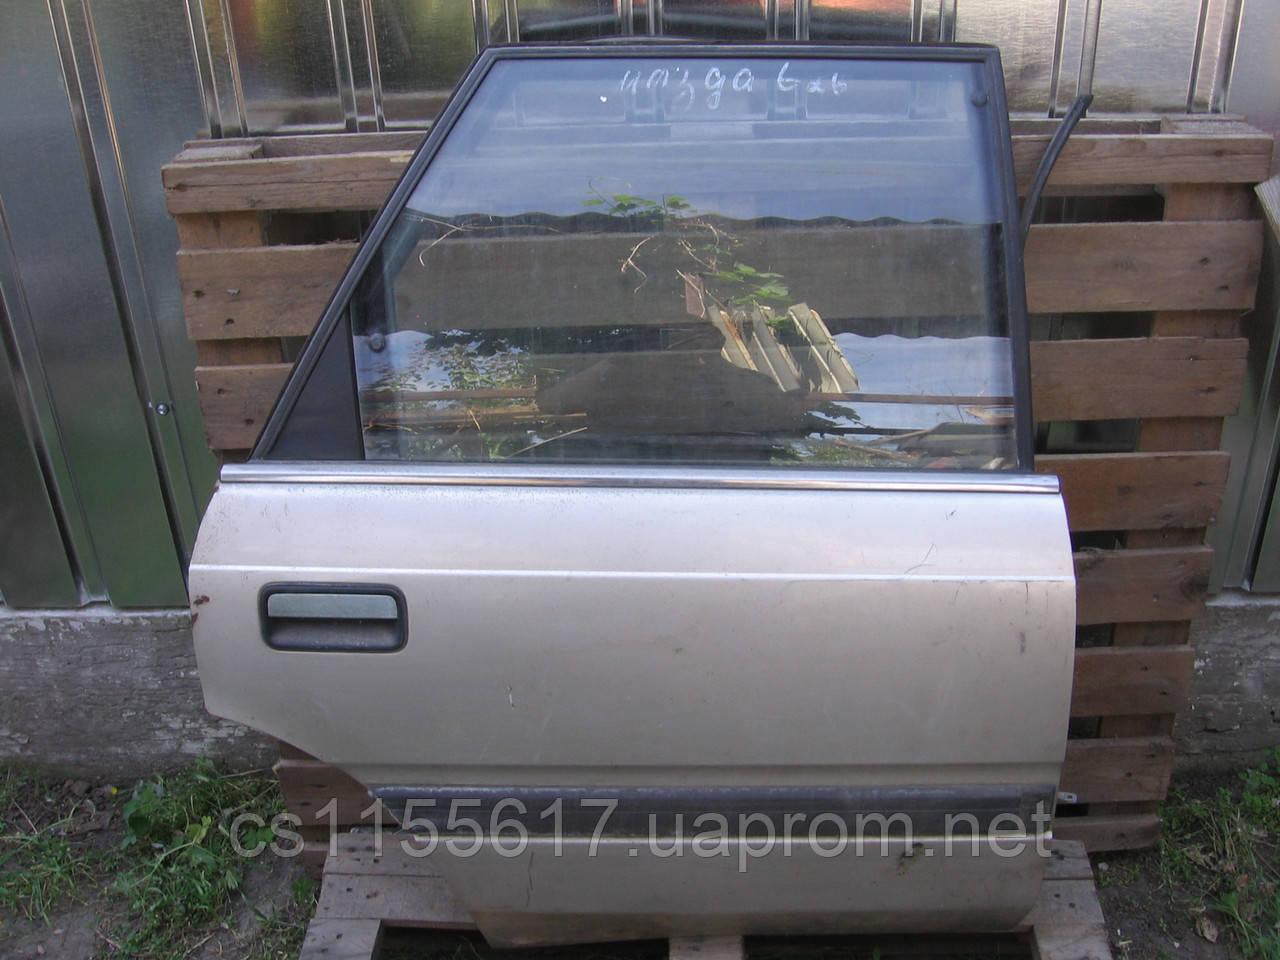 Дверь задняя правая б/у на Mazda 626 хэтчбек год 1987-1992